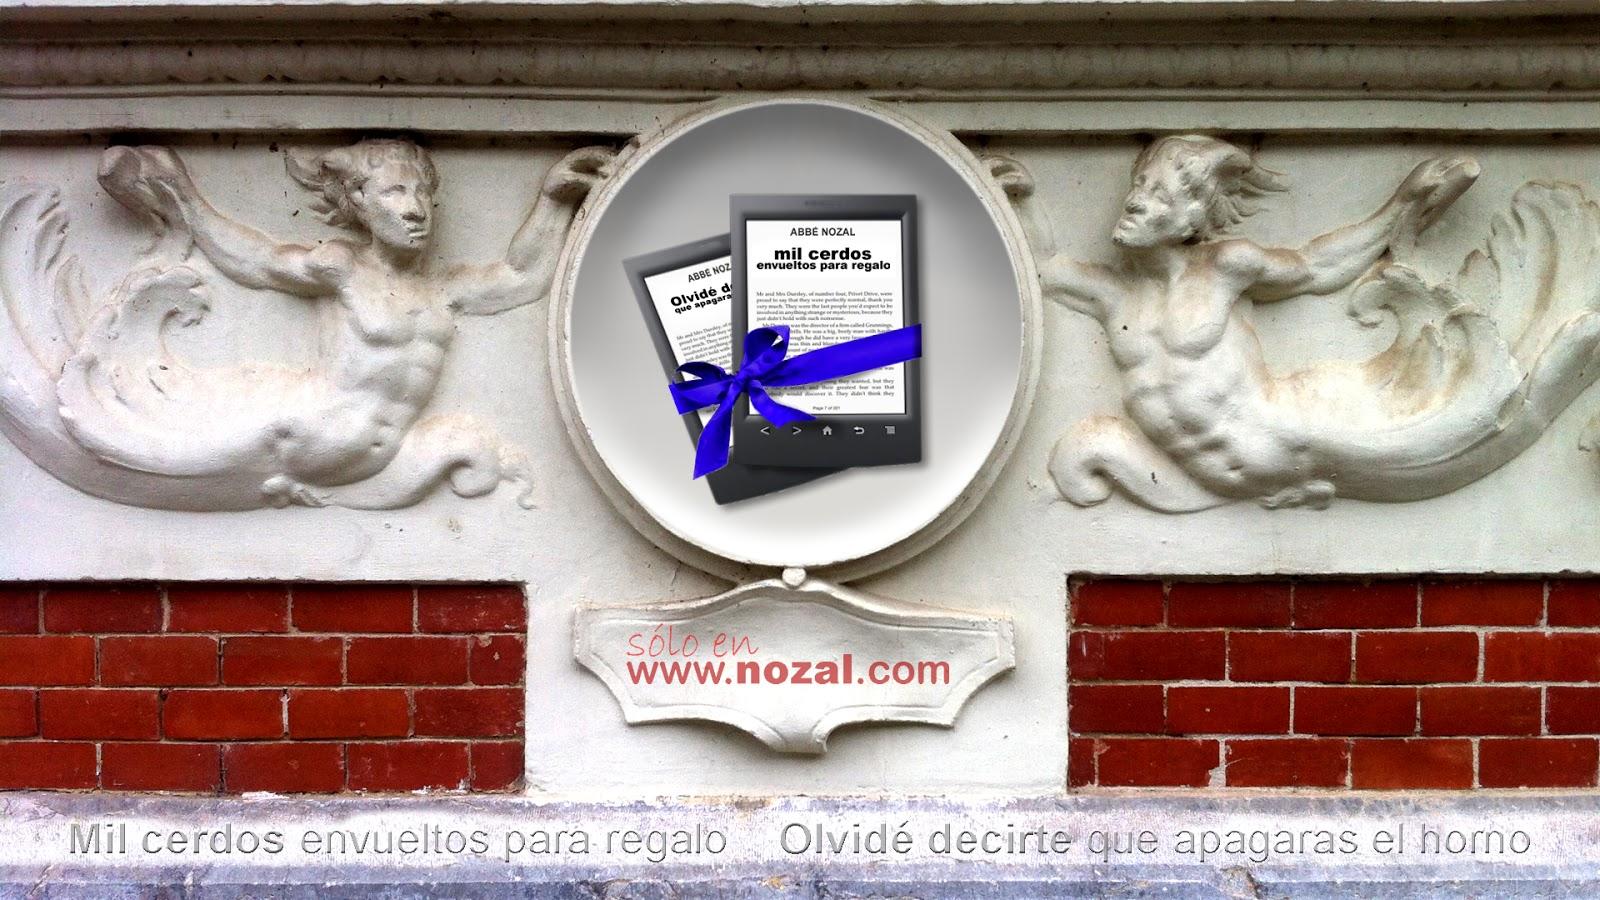 Dos novelas para llevarse a casa, 2014 Abbé Nozal